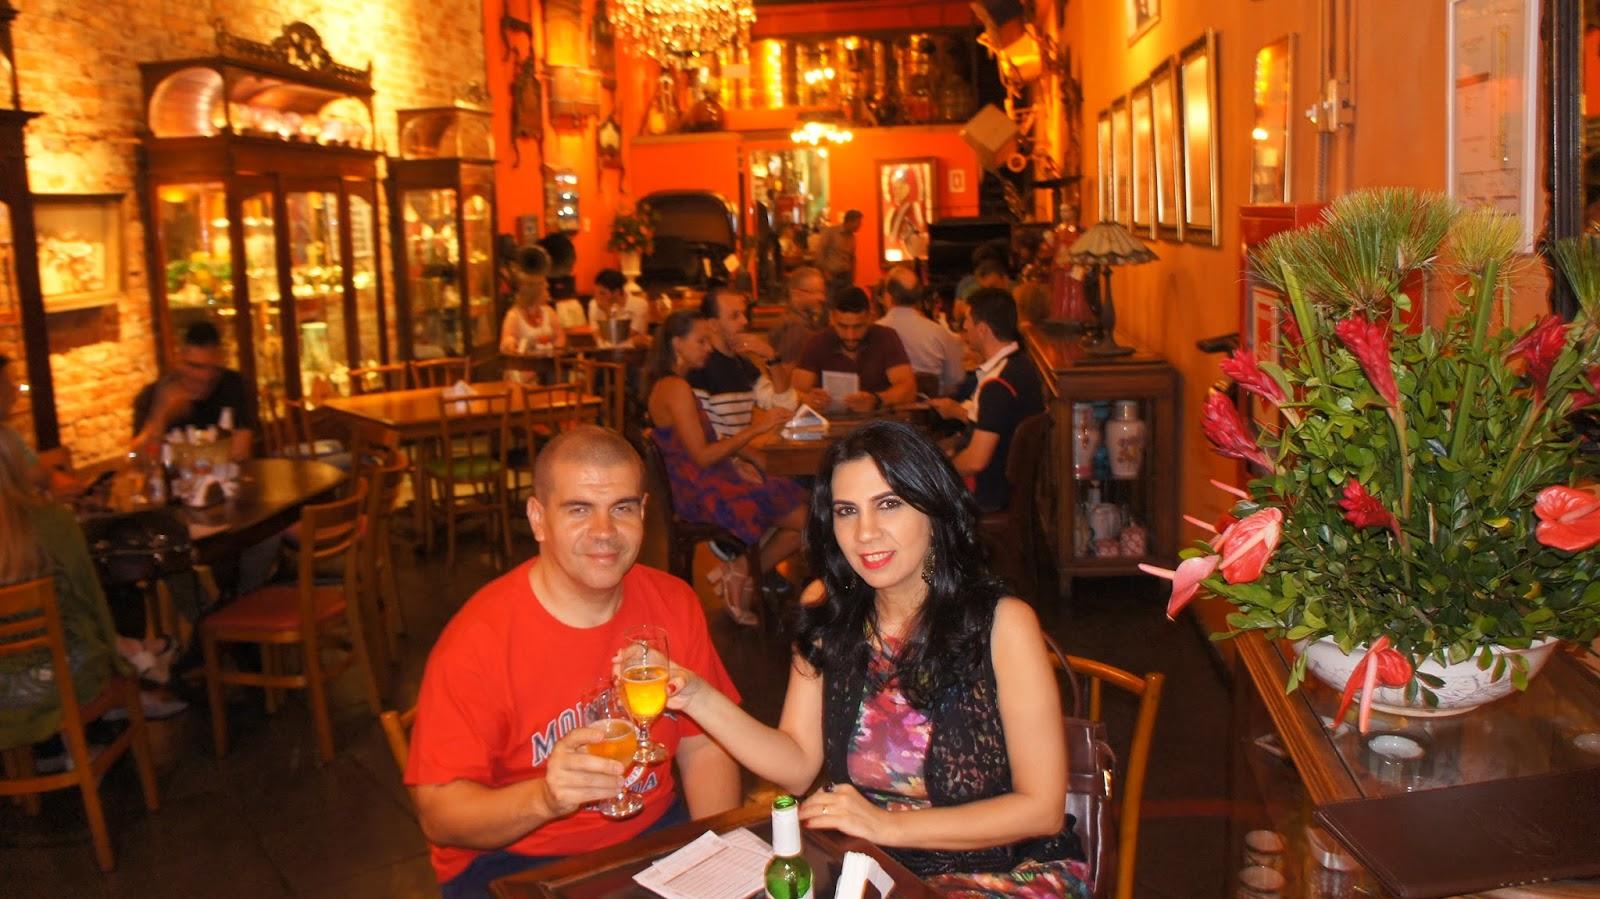 6021b3b28f7 Comemorando meu aniversário no Rio Scenarium. As mesas do primeiro andar  costumam ser as mais concorridas porque é lá que fica o palco do show de  samba